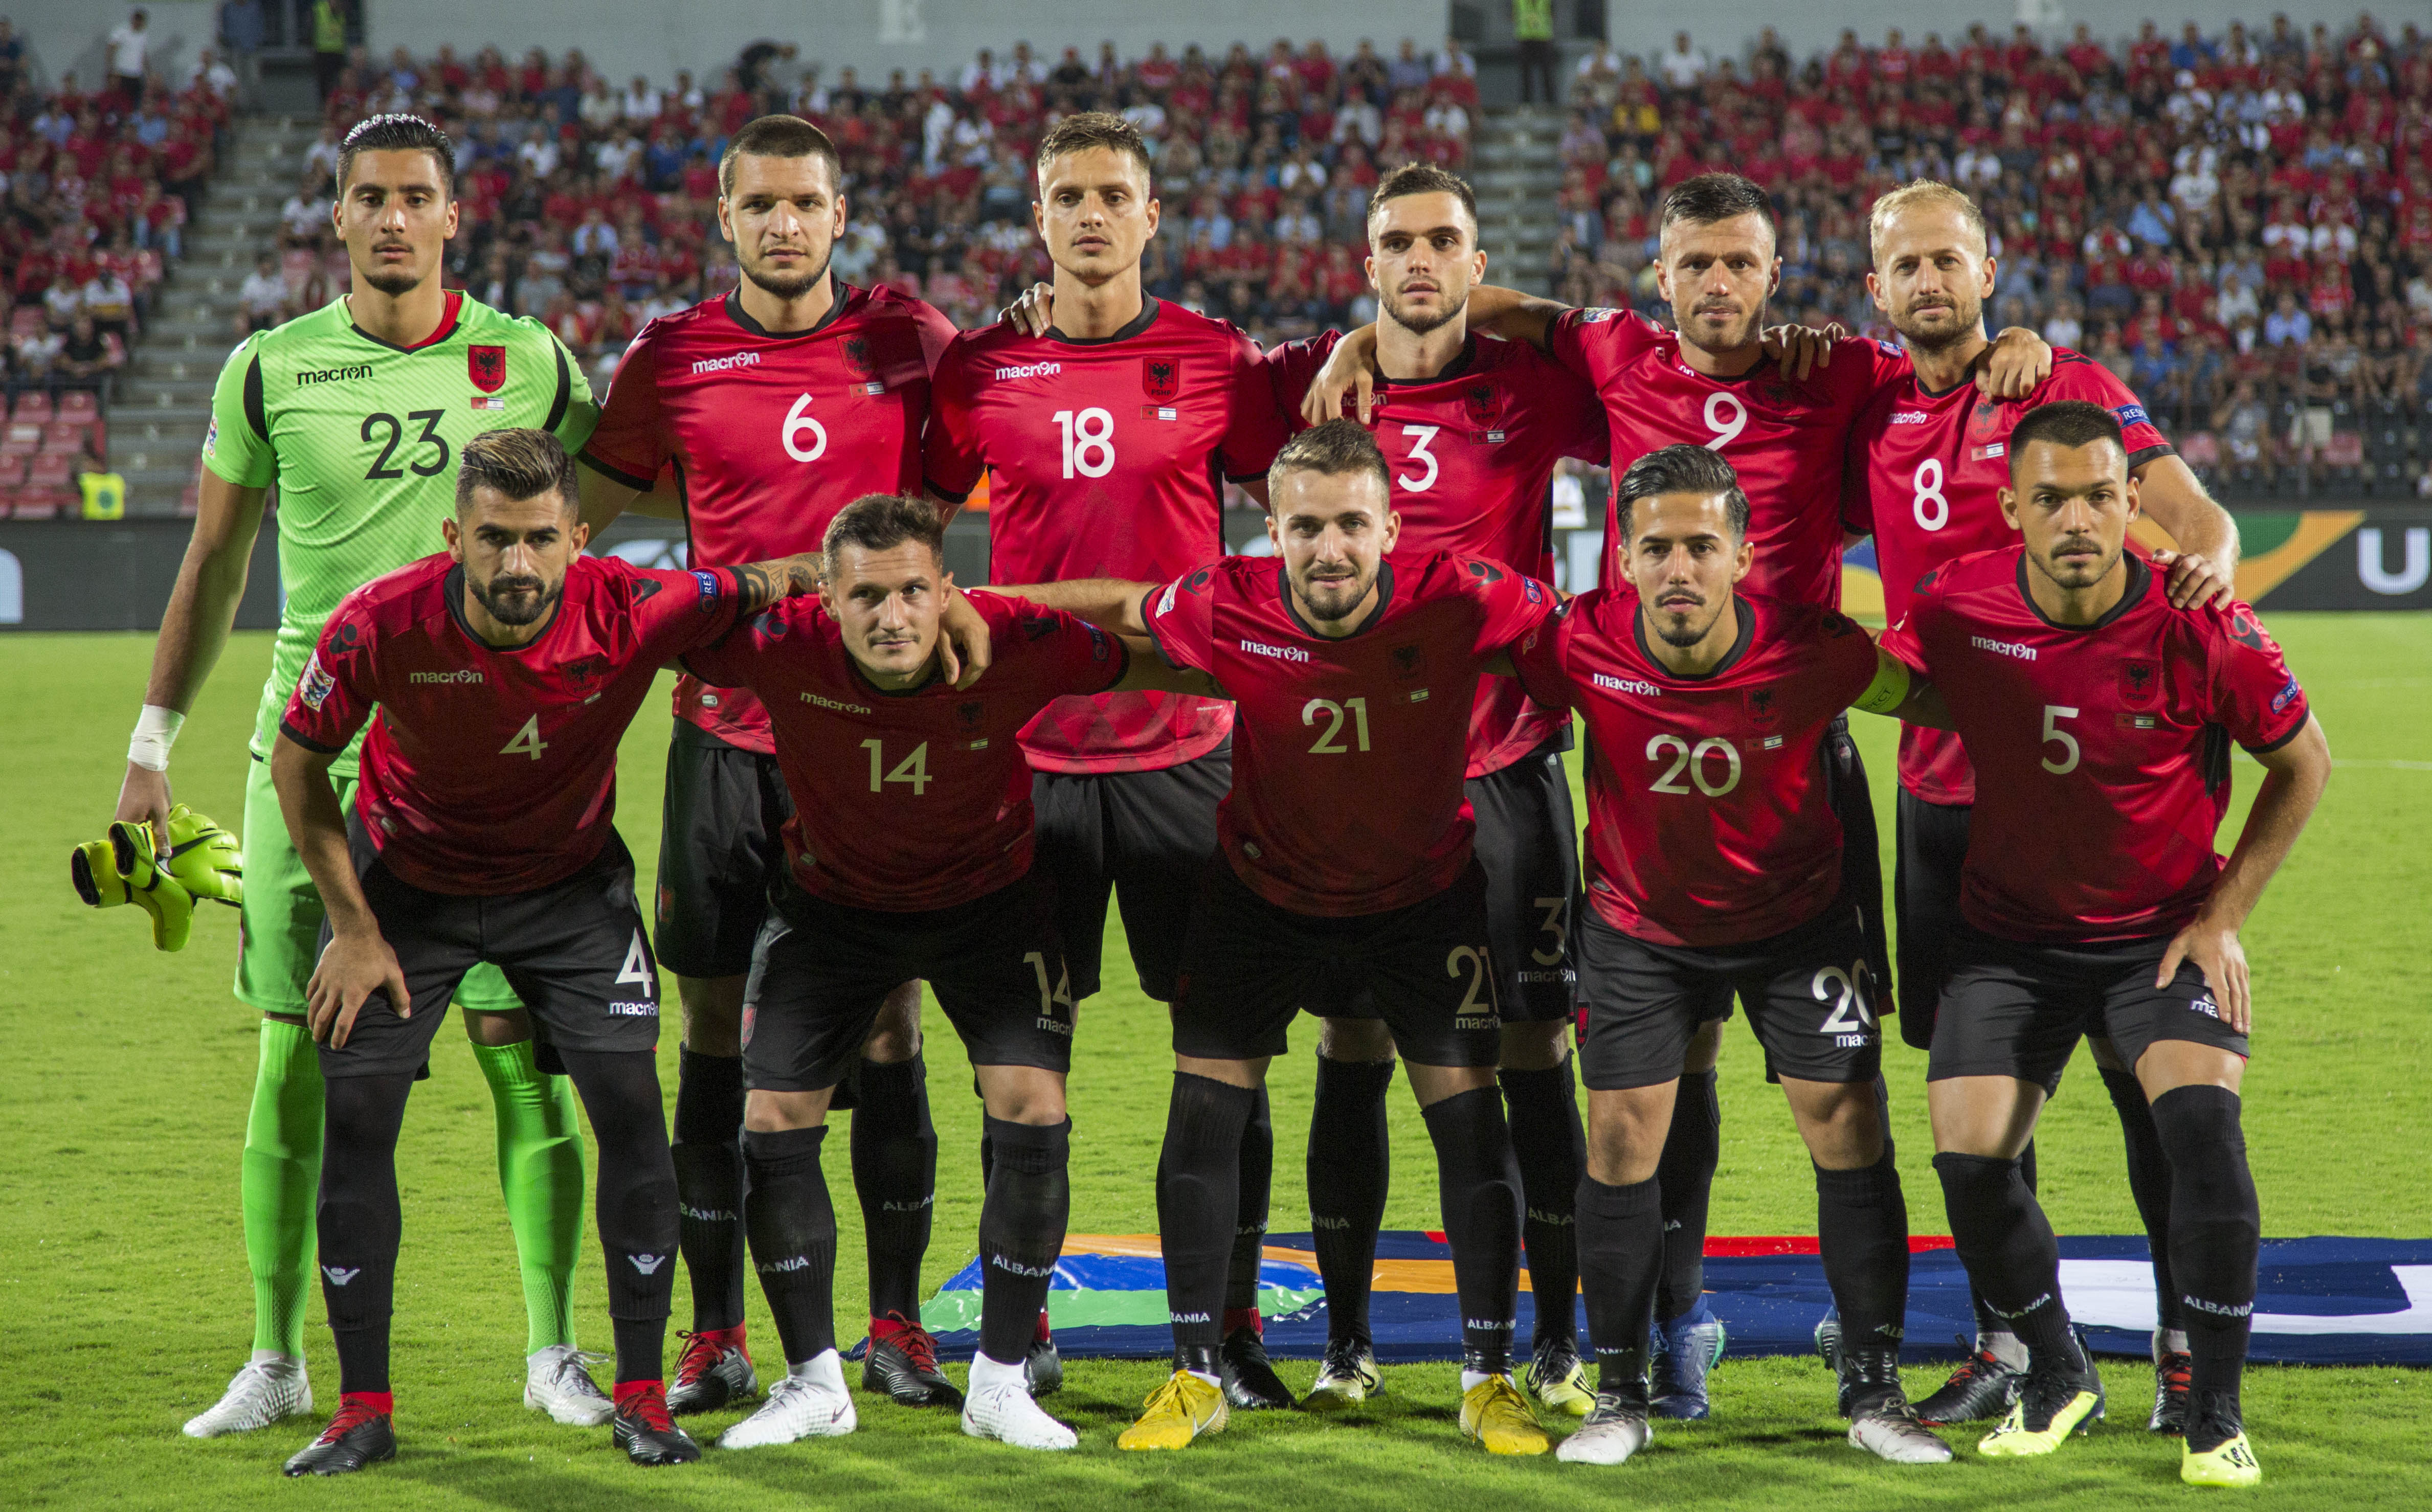 Jordania dhe Izraeli, Panucci shpall listën: Kaja, Dermaku, Uzuni e Vrioni risitë kuqezi (Agolli jashtë)